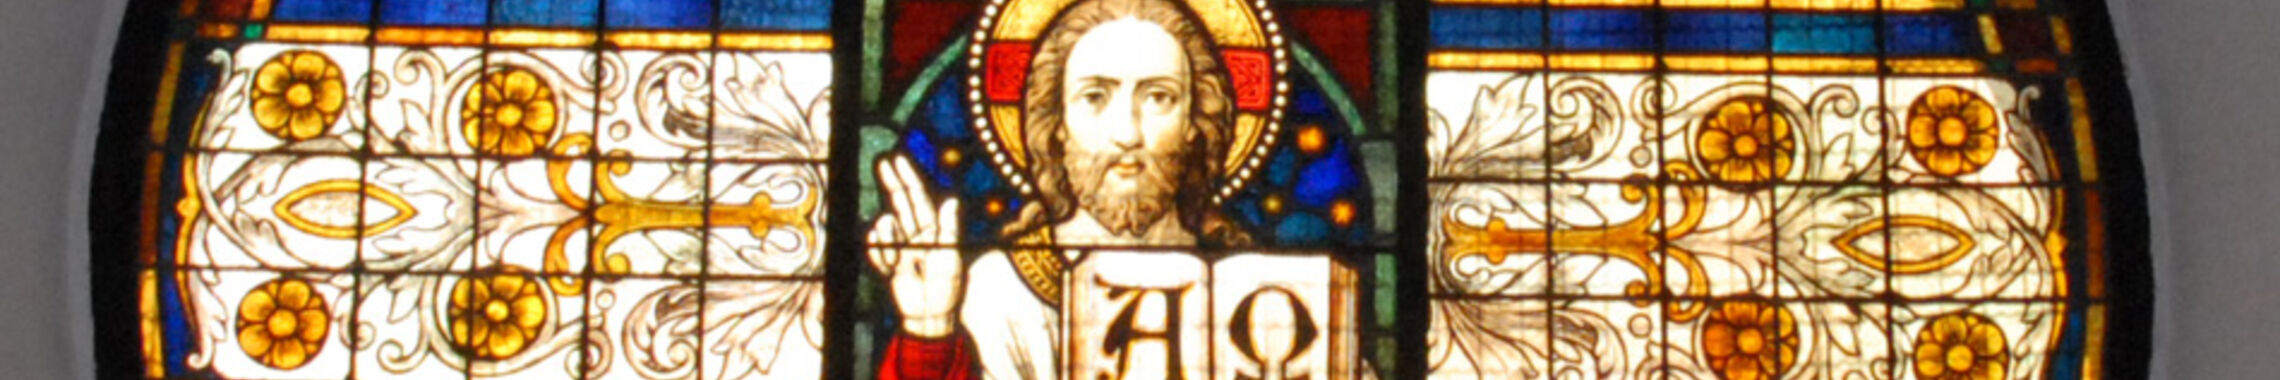 egestorf christus